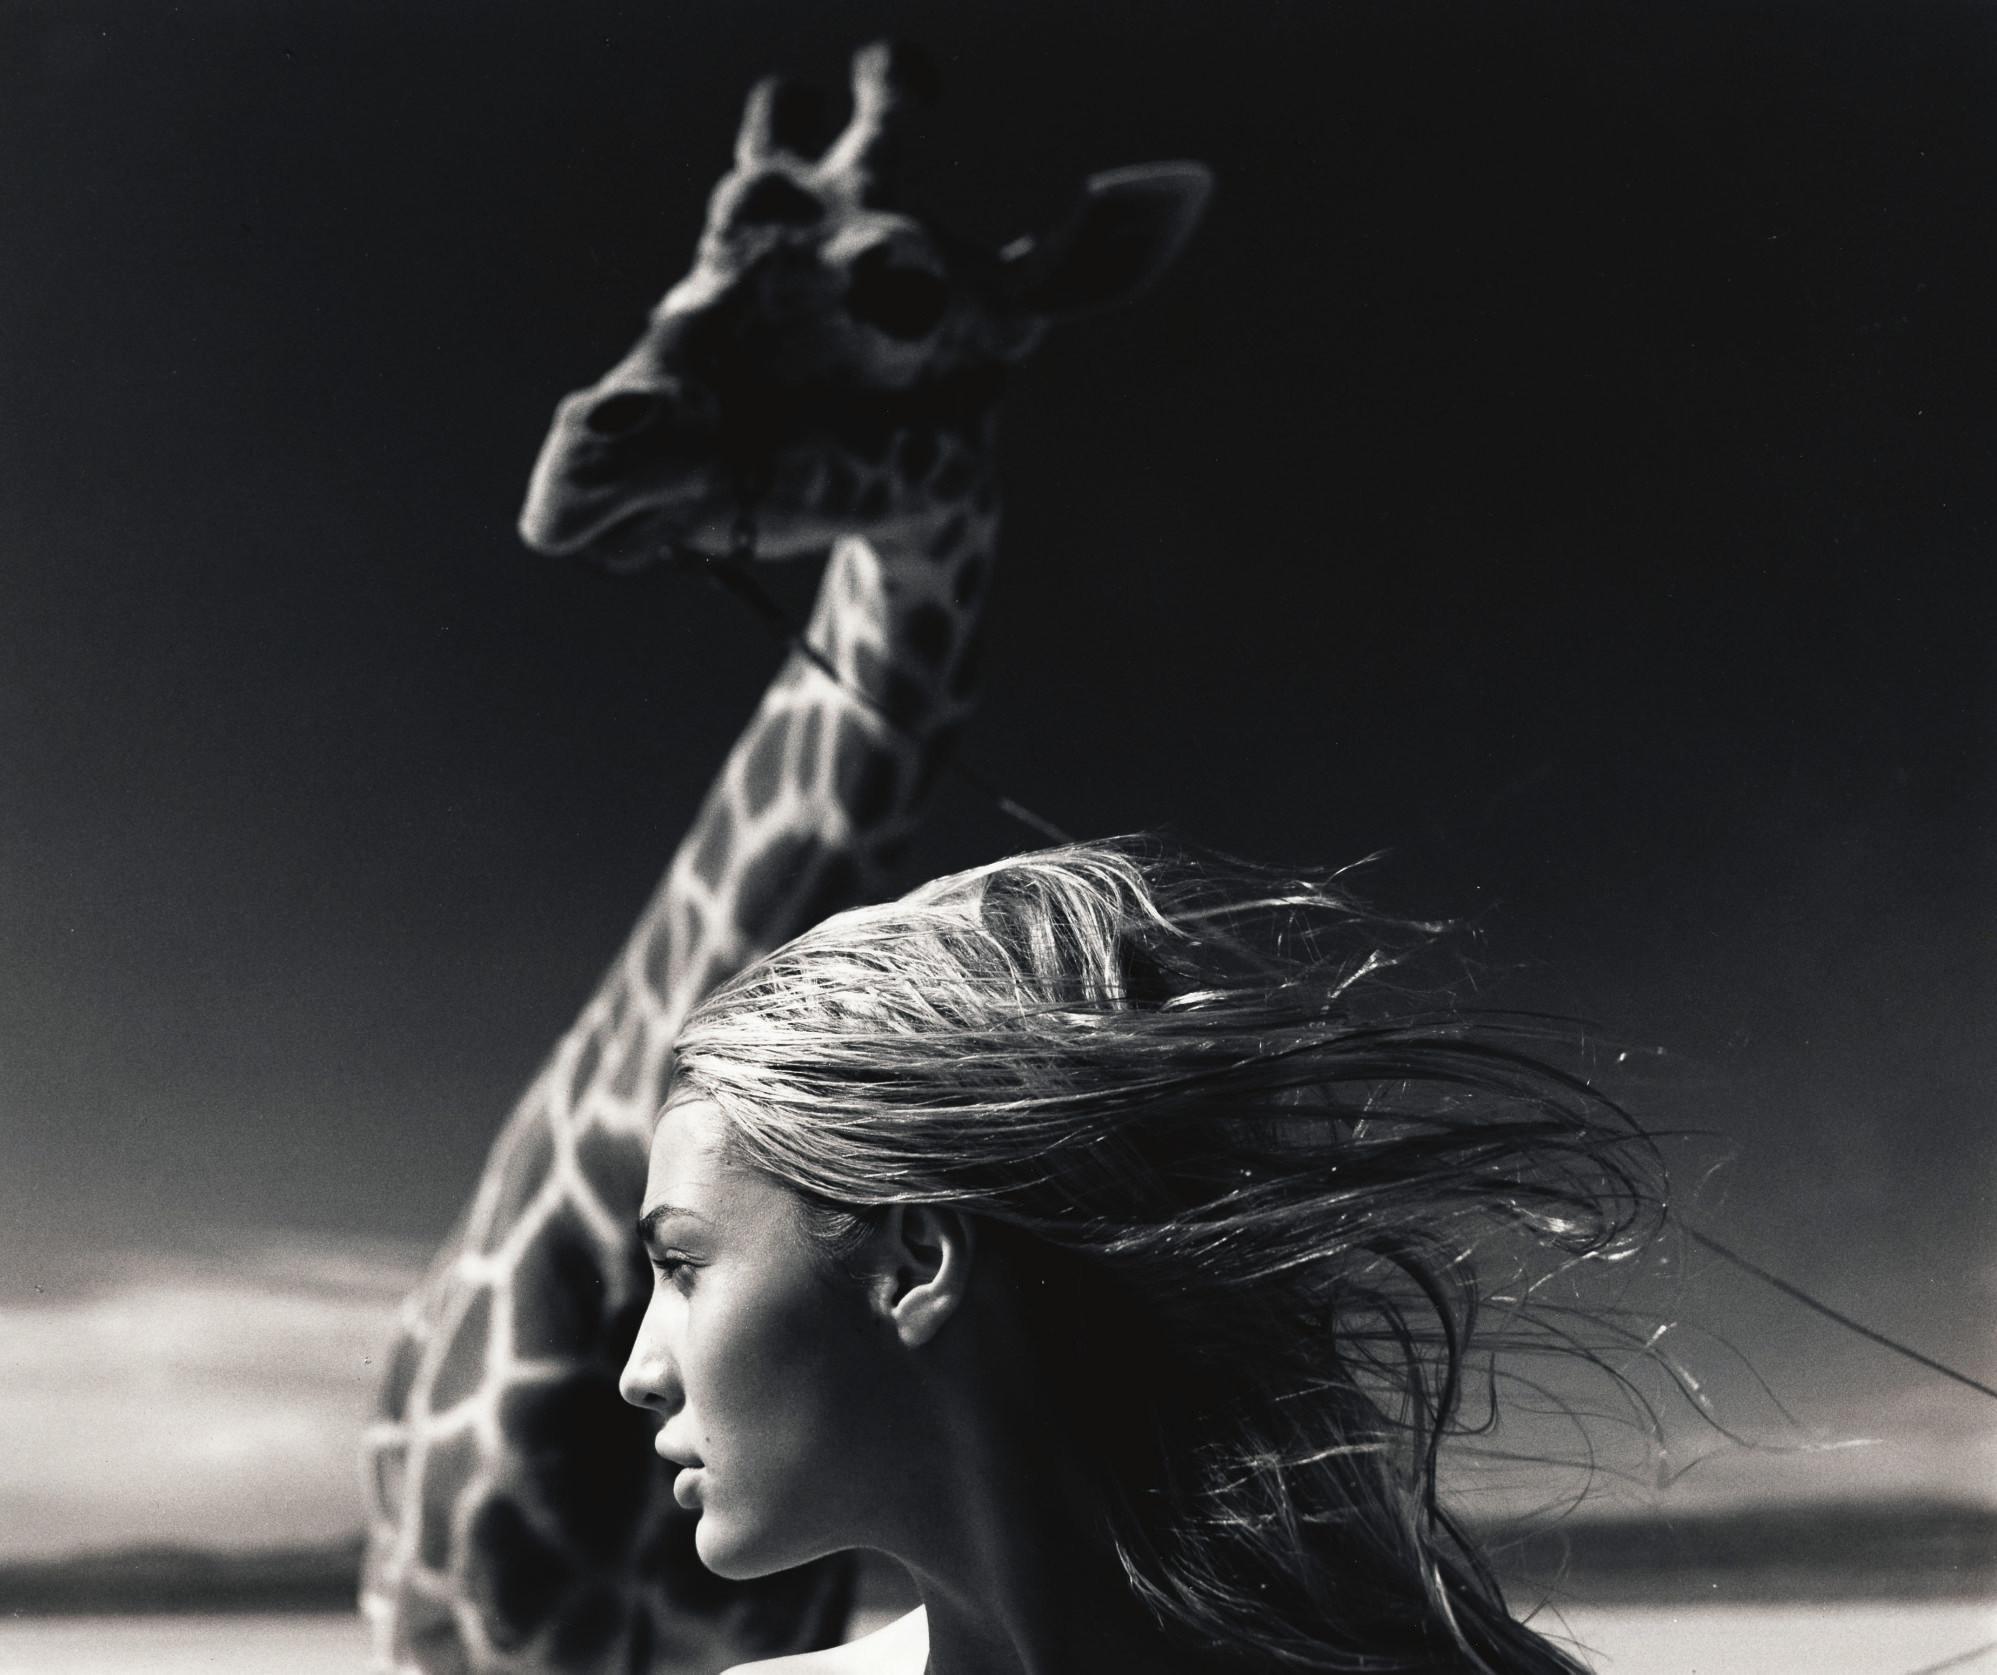 Jaime and giraffe, Mojave Desert, 1996